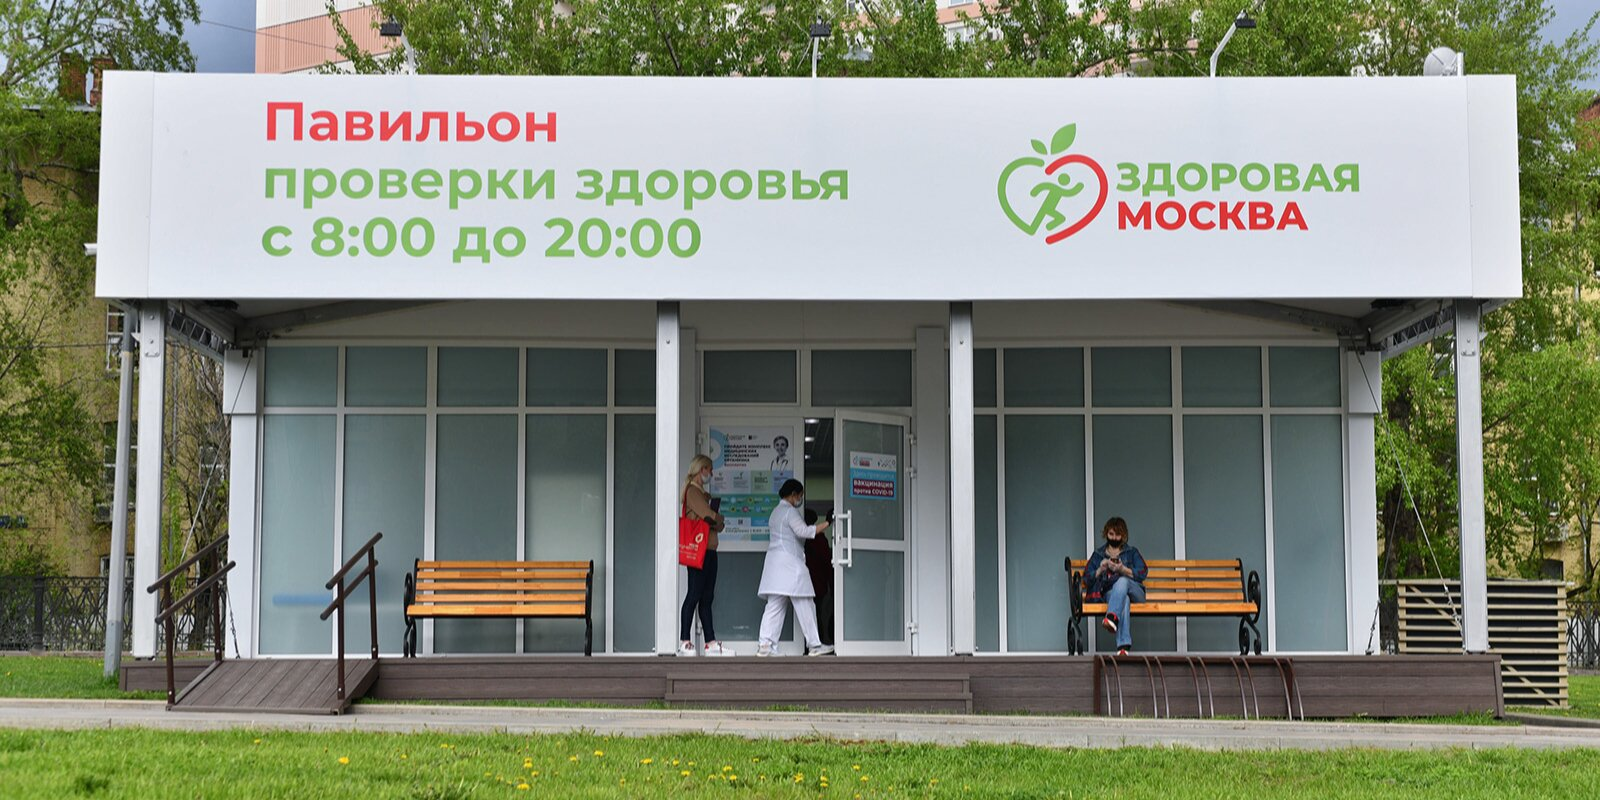 Павильоны в парках Москвы возвращаются к проведению диспансеризации